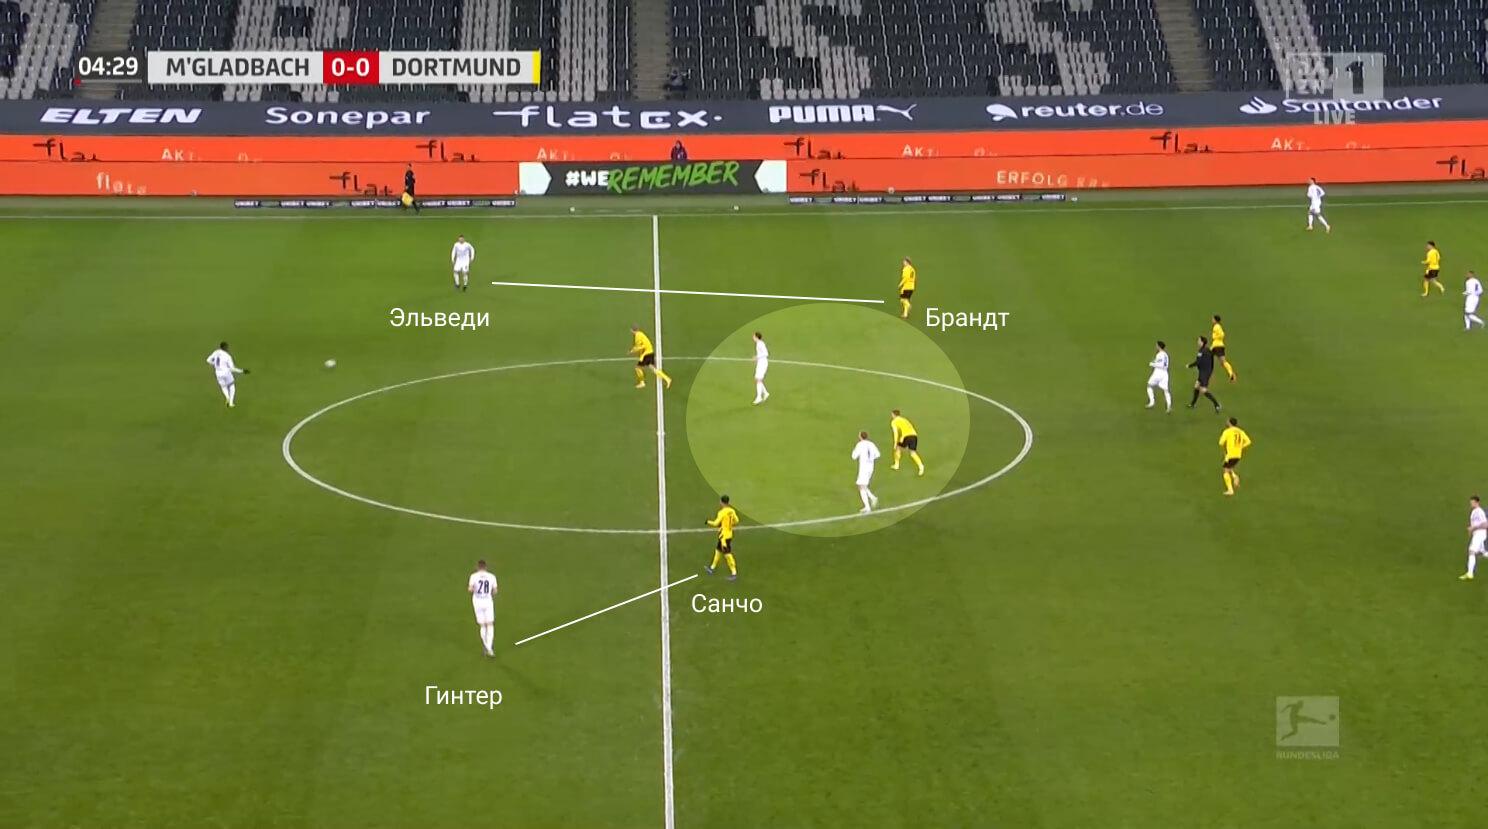 «Гладбах» подвинул «Дортмунд» в борьбе за ЛЧ: ошарашил схемой и четко перестроился, когда соперник ожил